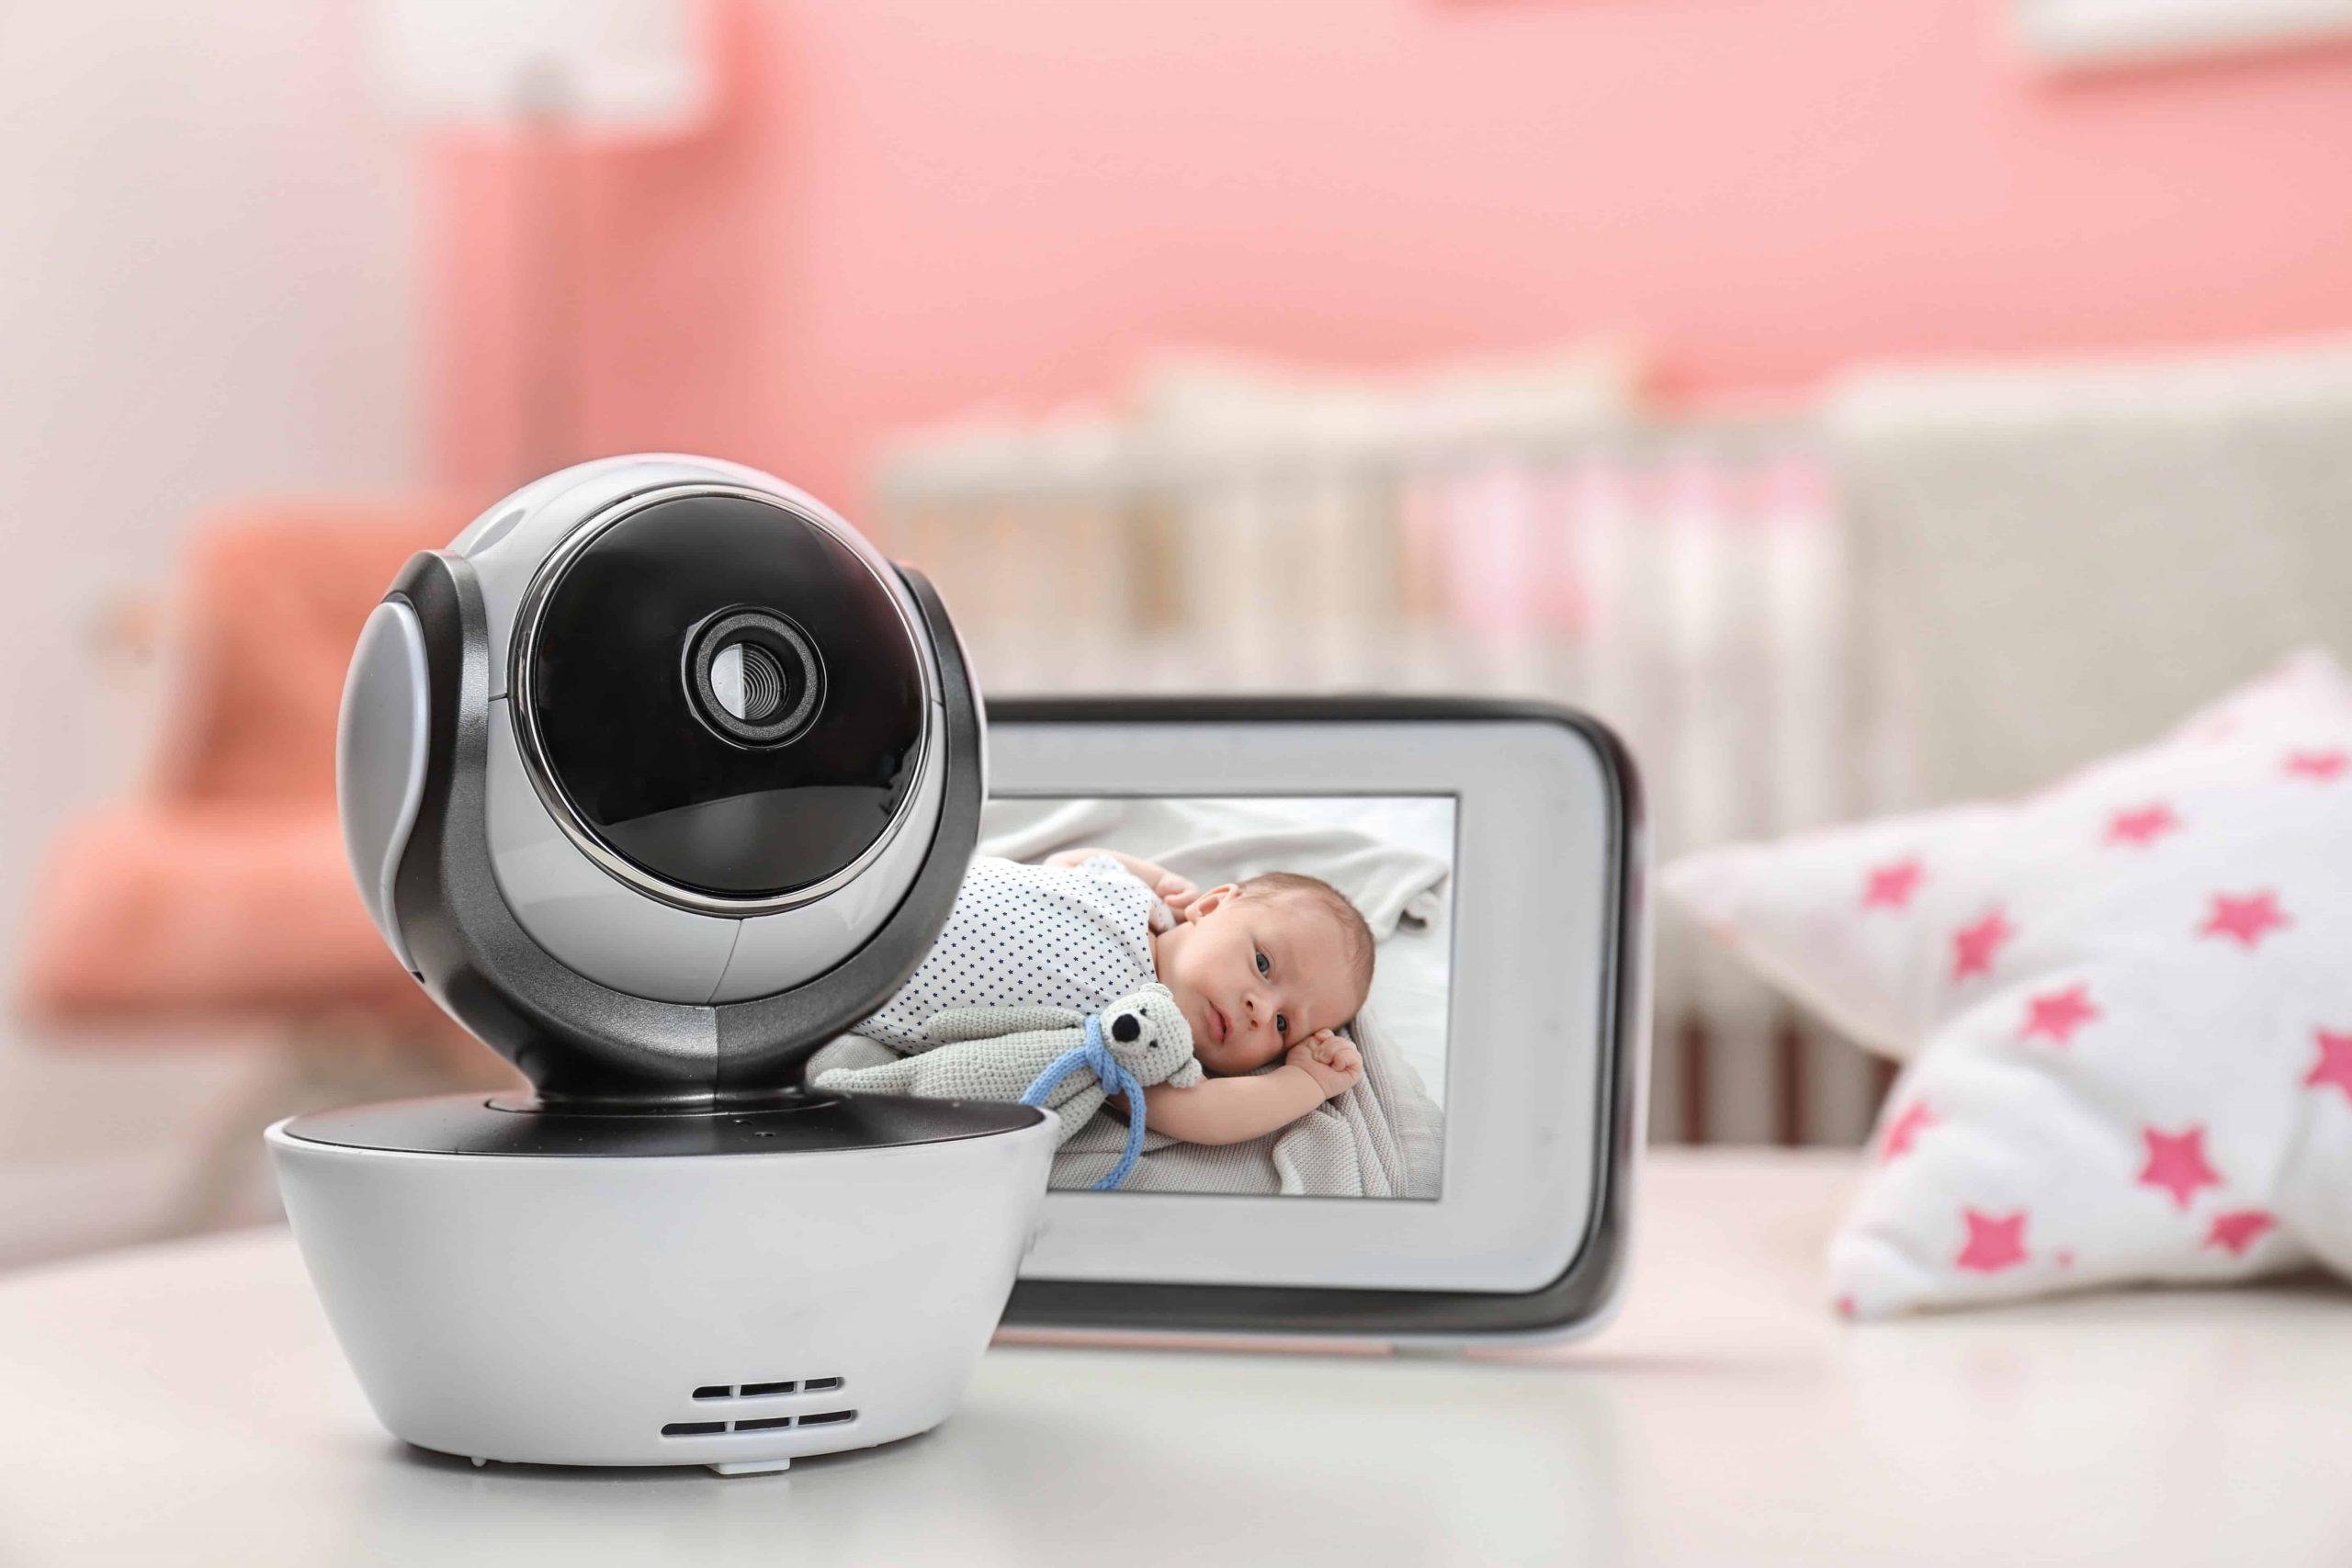 Babyphone mit Kamera: Test & Empfehlungen (04/21)